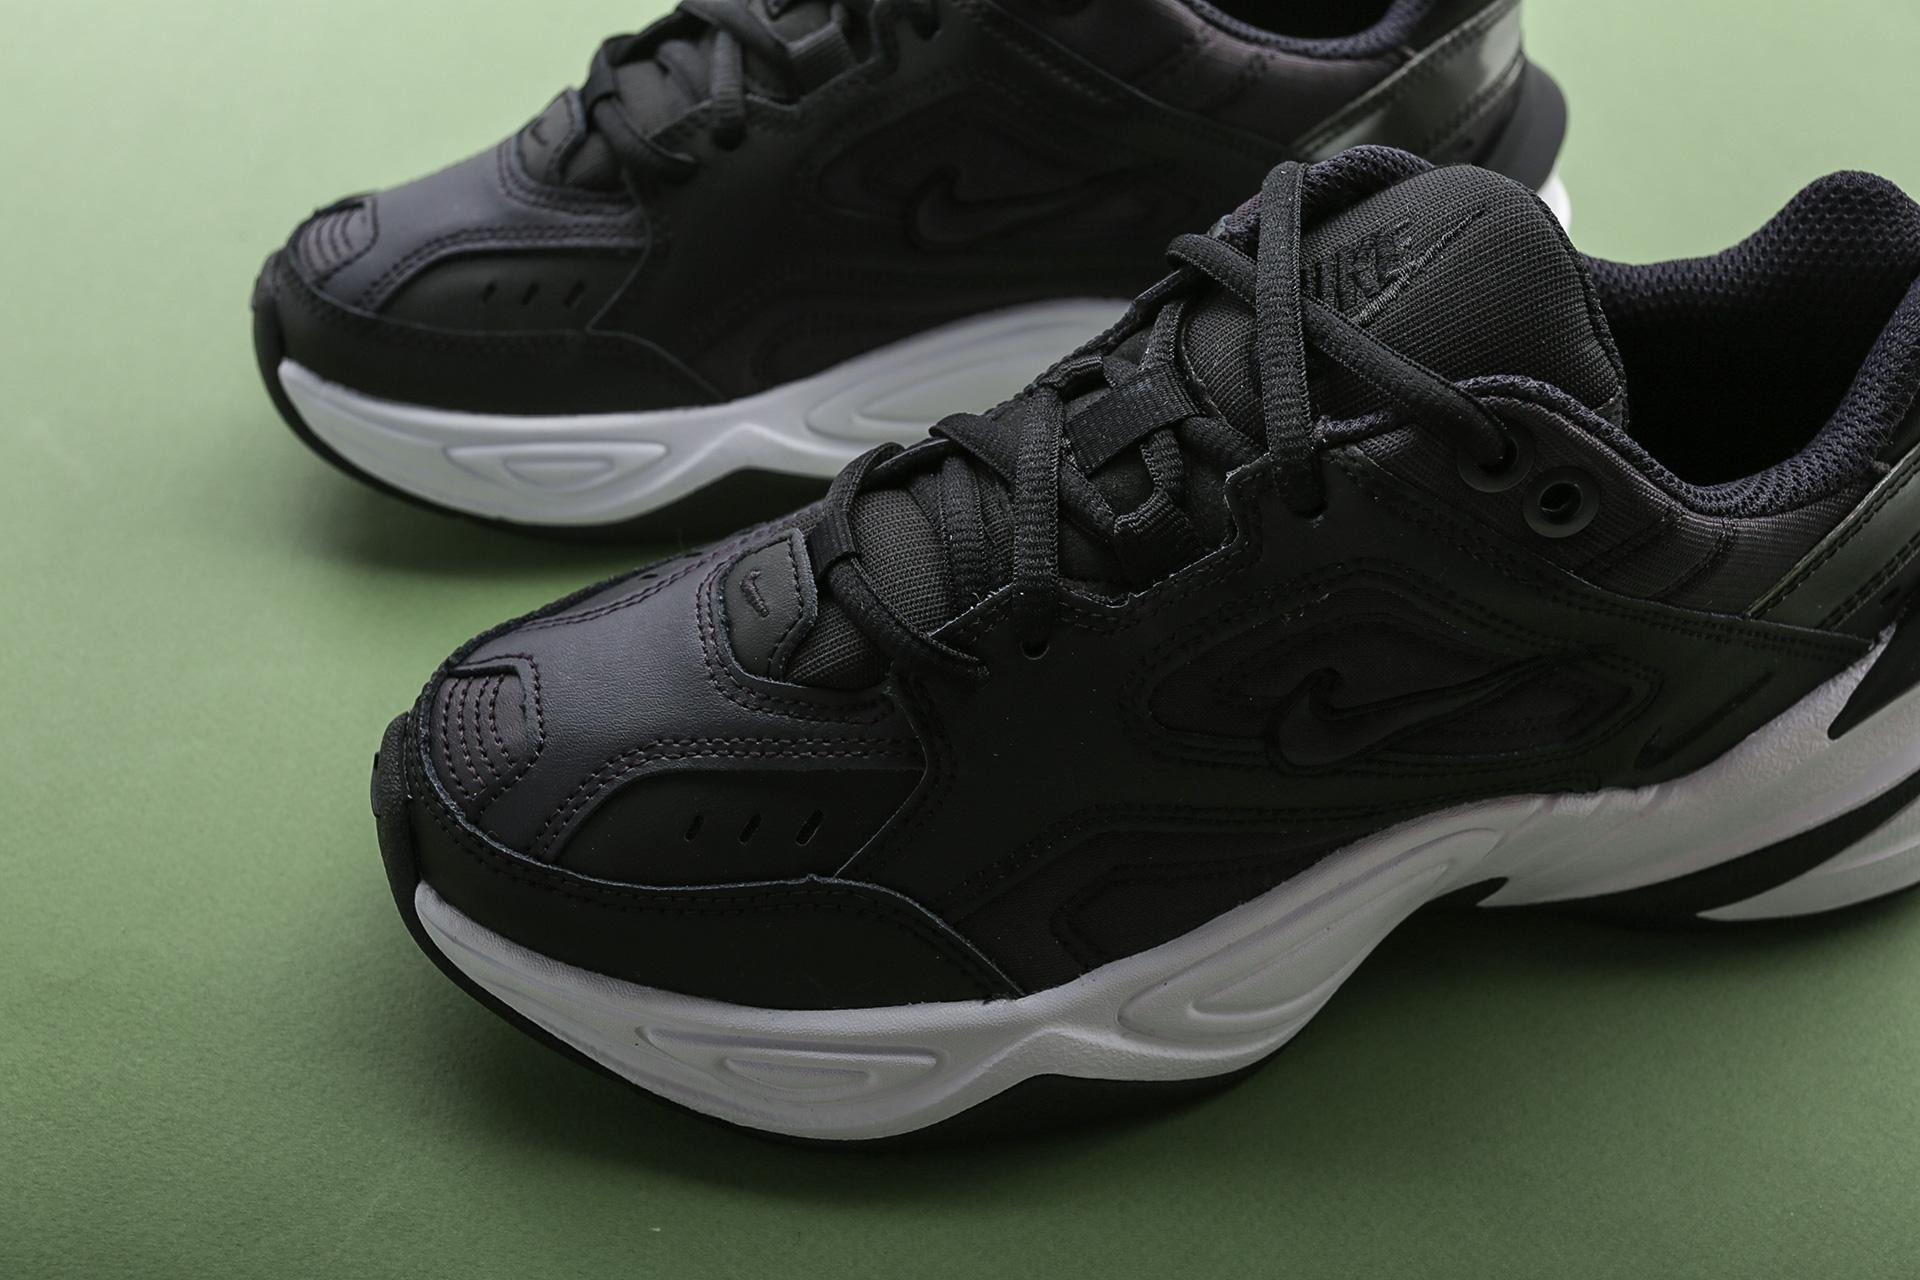 7f99648b14a7f ... Купить женские черные кроссовки Nike WMNS M2K Tekno - фото 2 картинки  ...